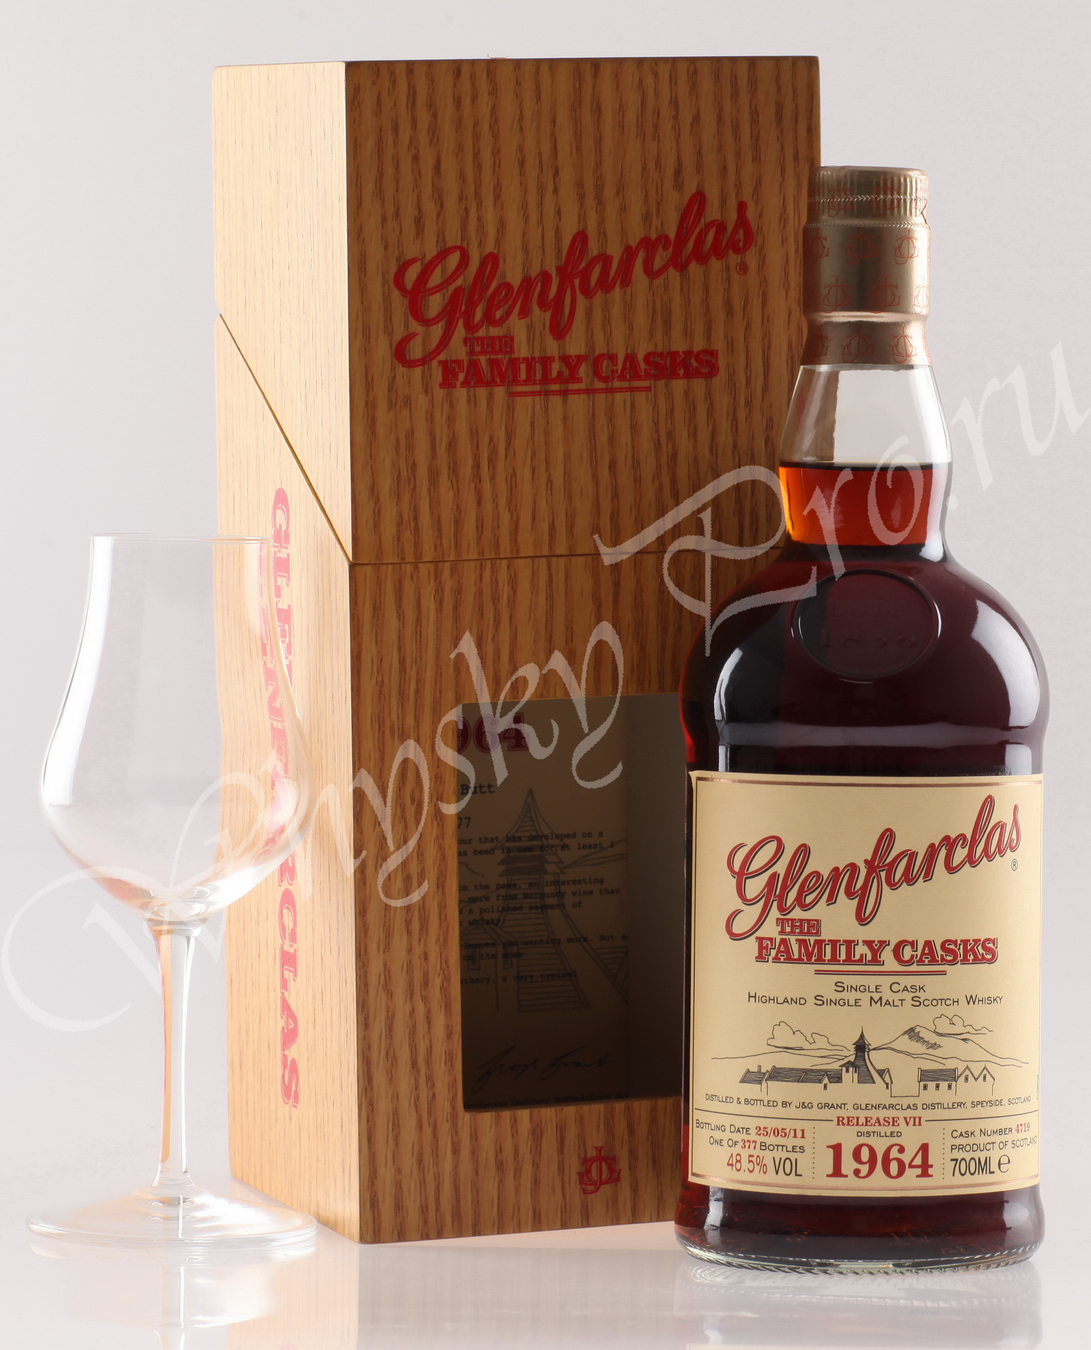 Виски Гленфарклас Фэмэли Каскс 1964г Шотландский виски Glenfarclas Family Casks 1964